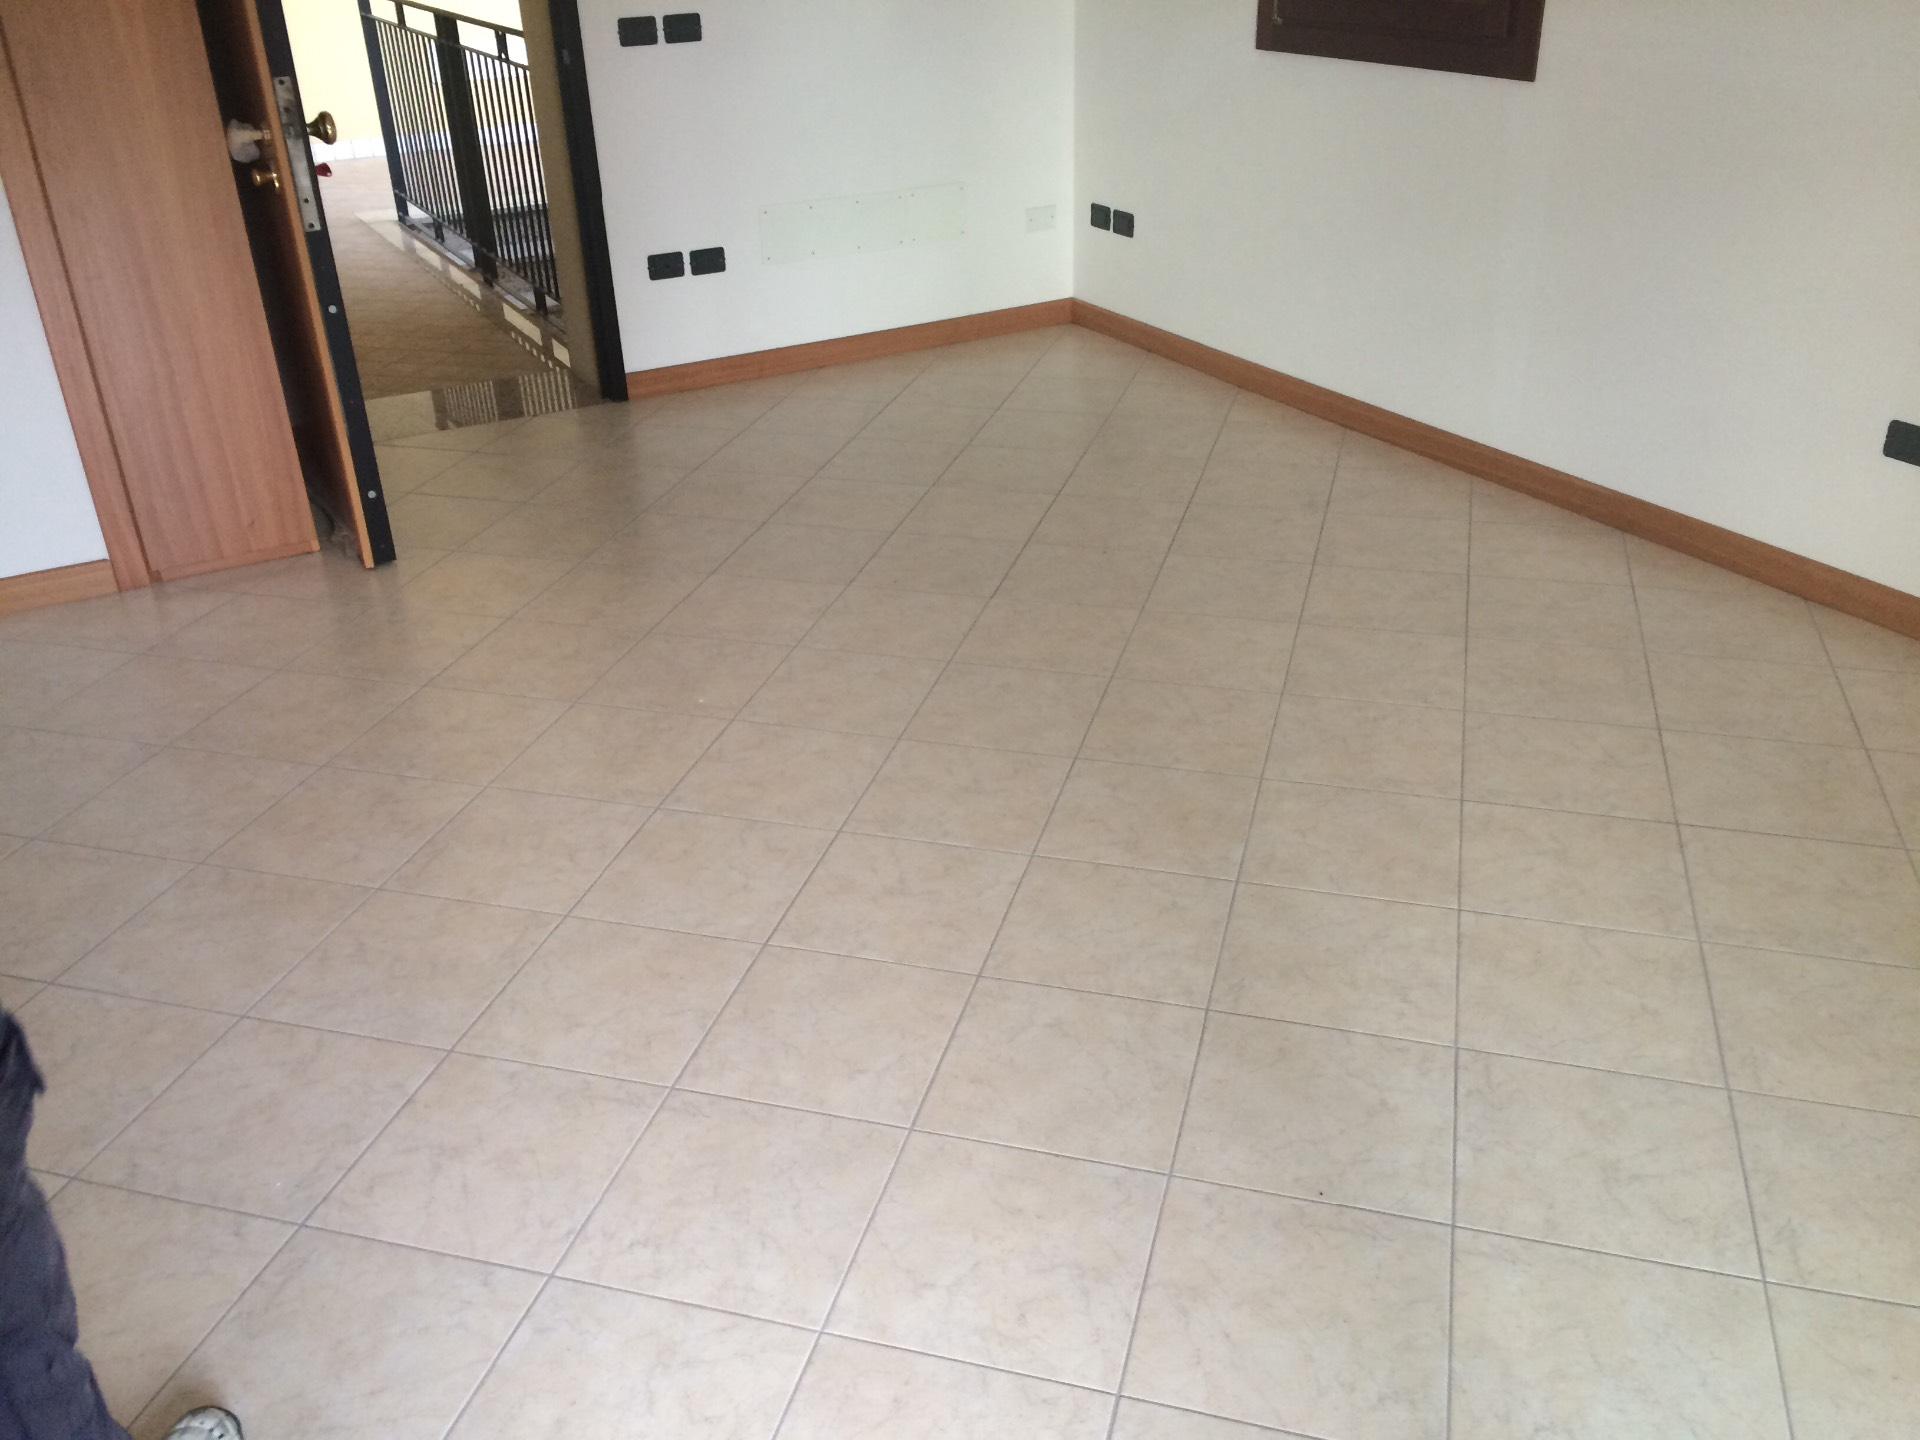 Appartamento in vendita a Maserada sul Piave, 3 locali, zona Zona: Varago, prezzo € 120.000 | CambioCasa.it